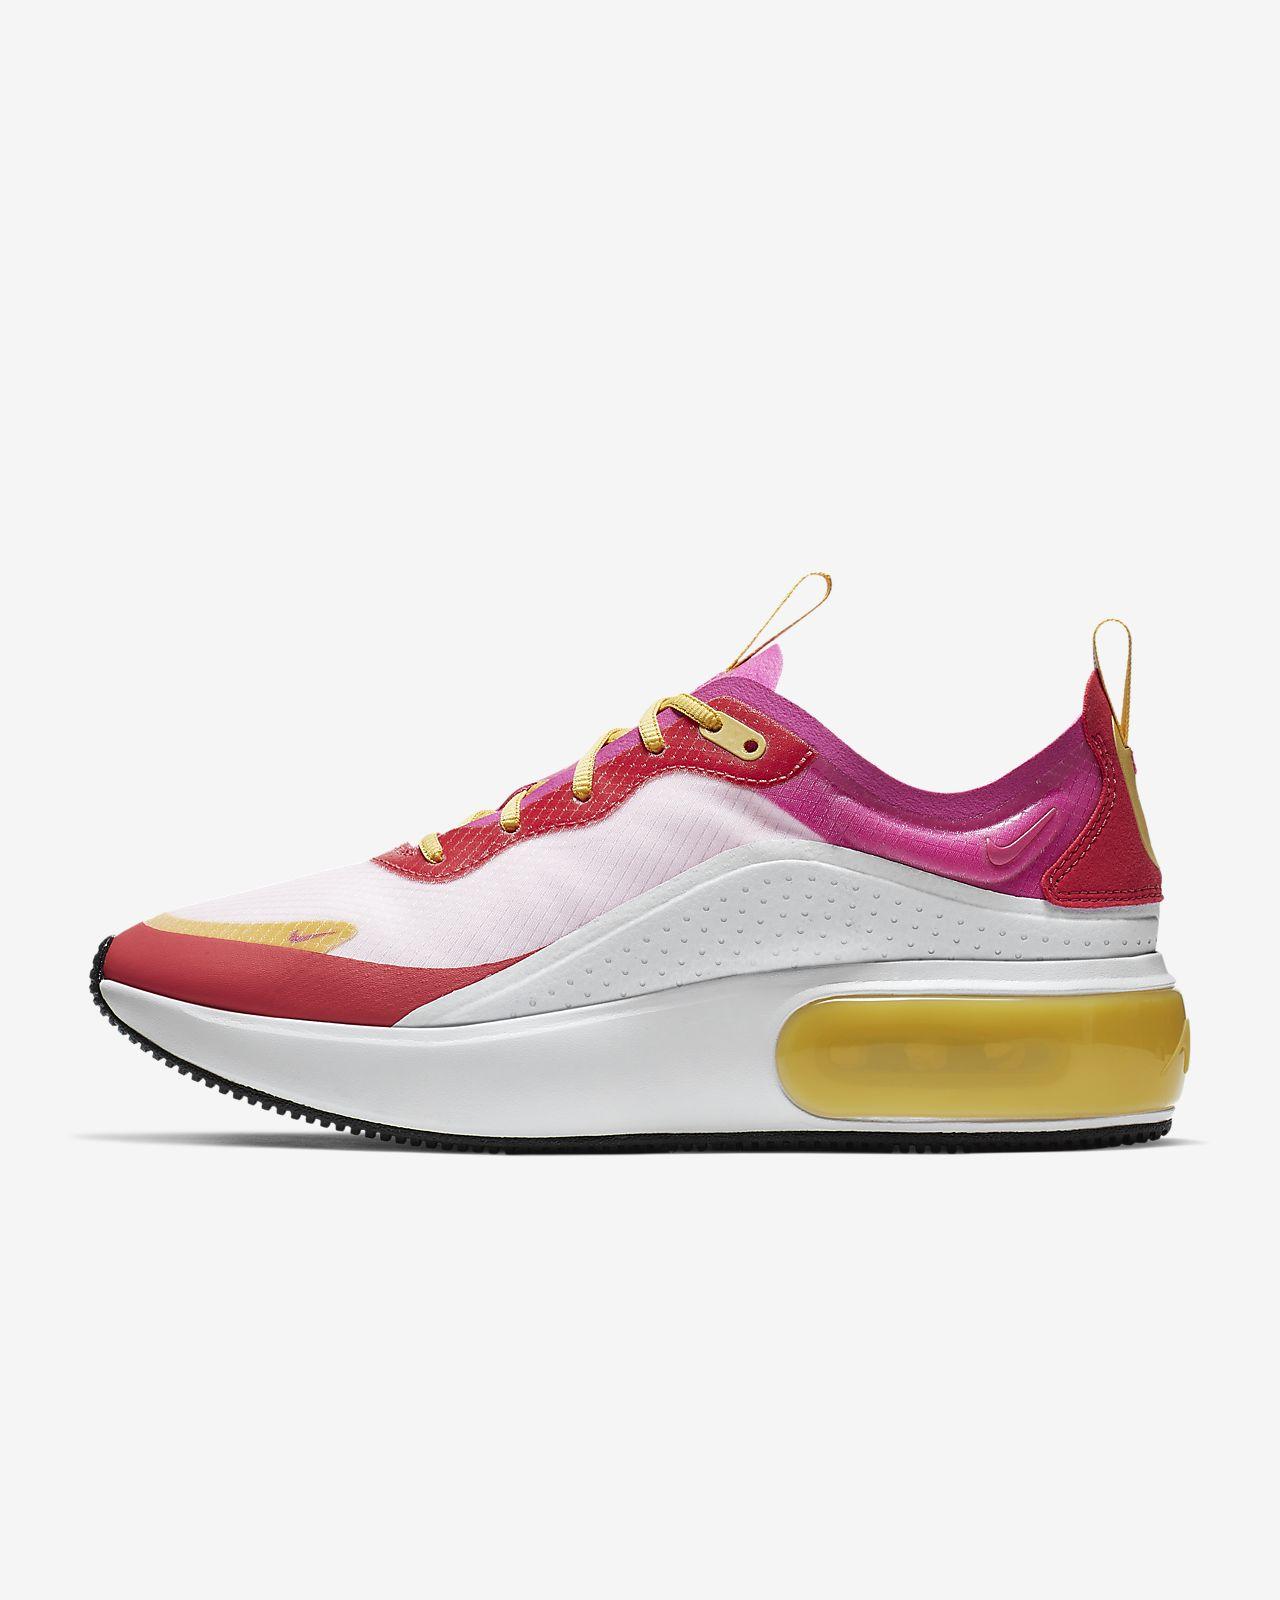 461d07ef5e5 Nike Air Max Dia SE Shoe. Nike.com AE